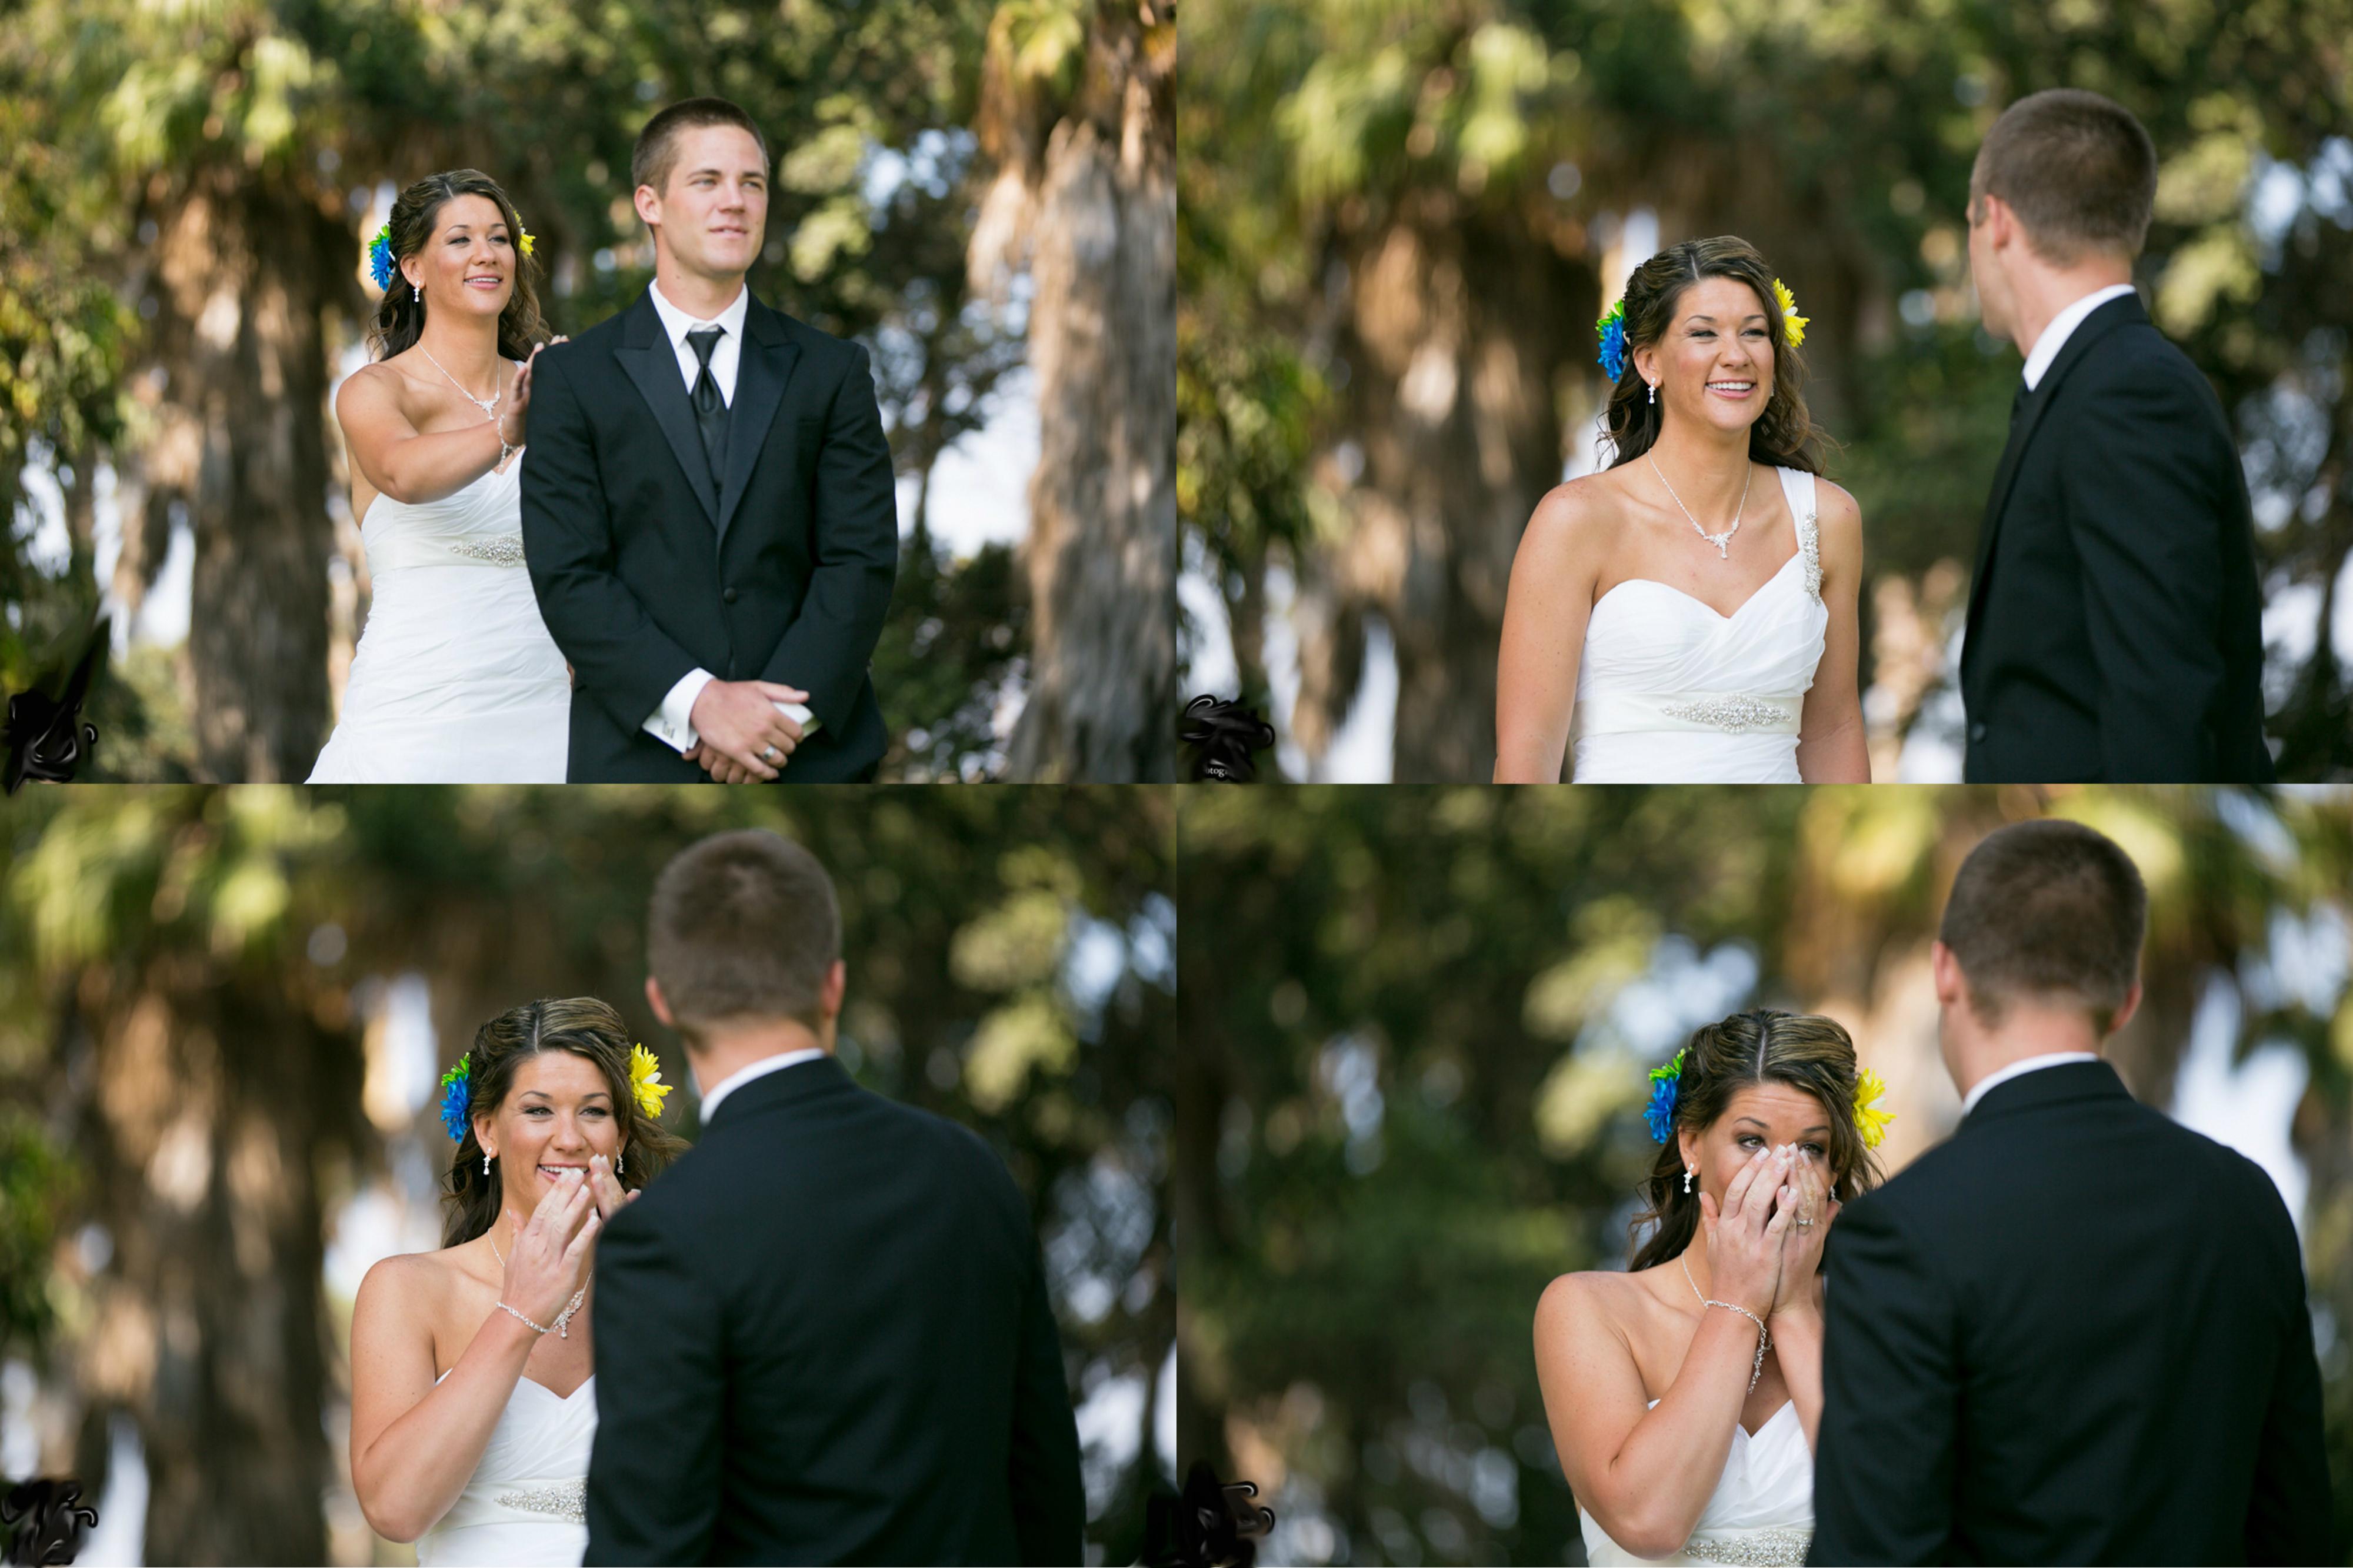 6-First-Look-Wedding-Karen-D-Photography